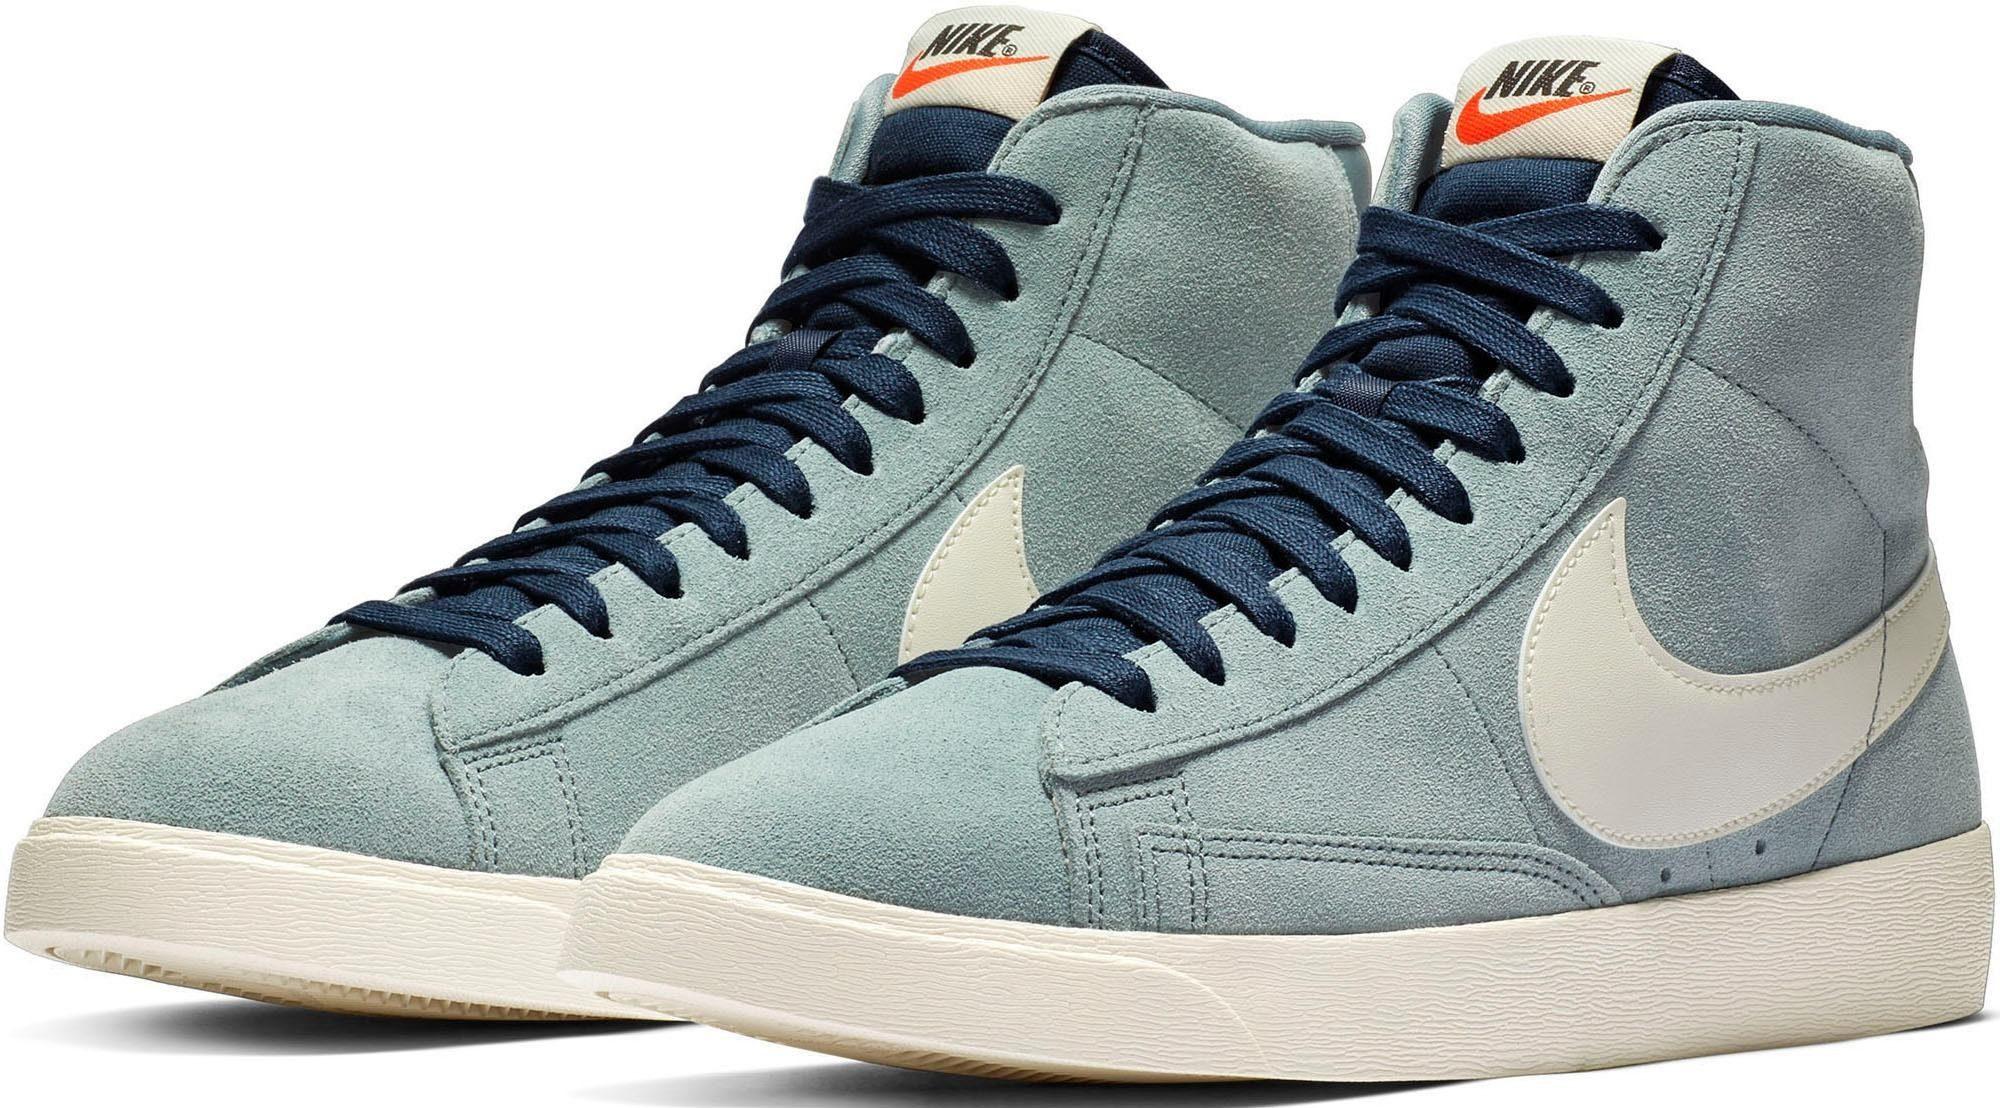 Nike Sportswear »Wmns Blazer Mid Vintage Suede« Sneaker online kaufen | OTTO